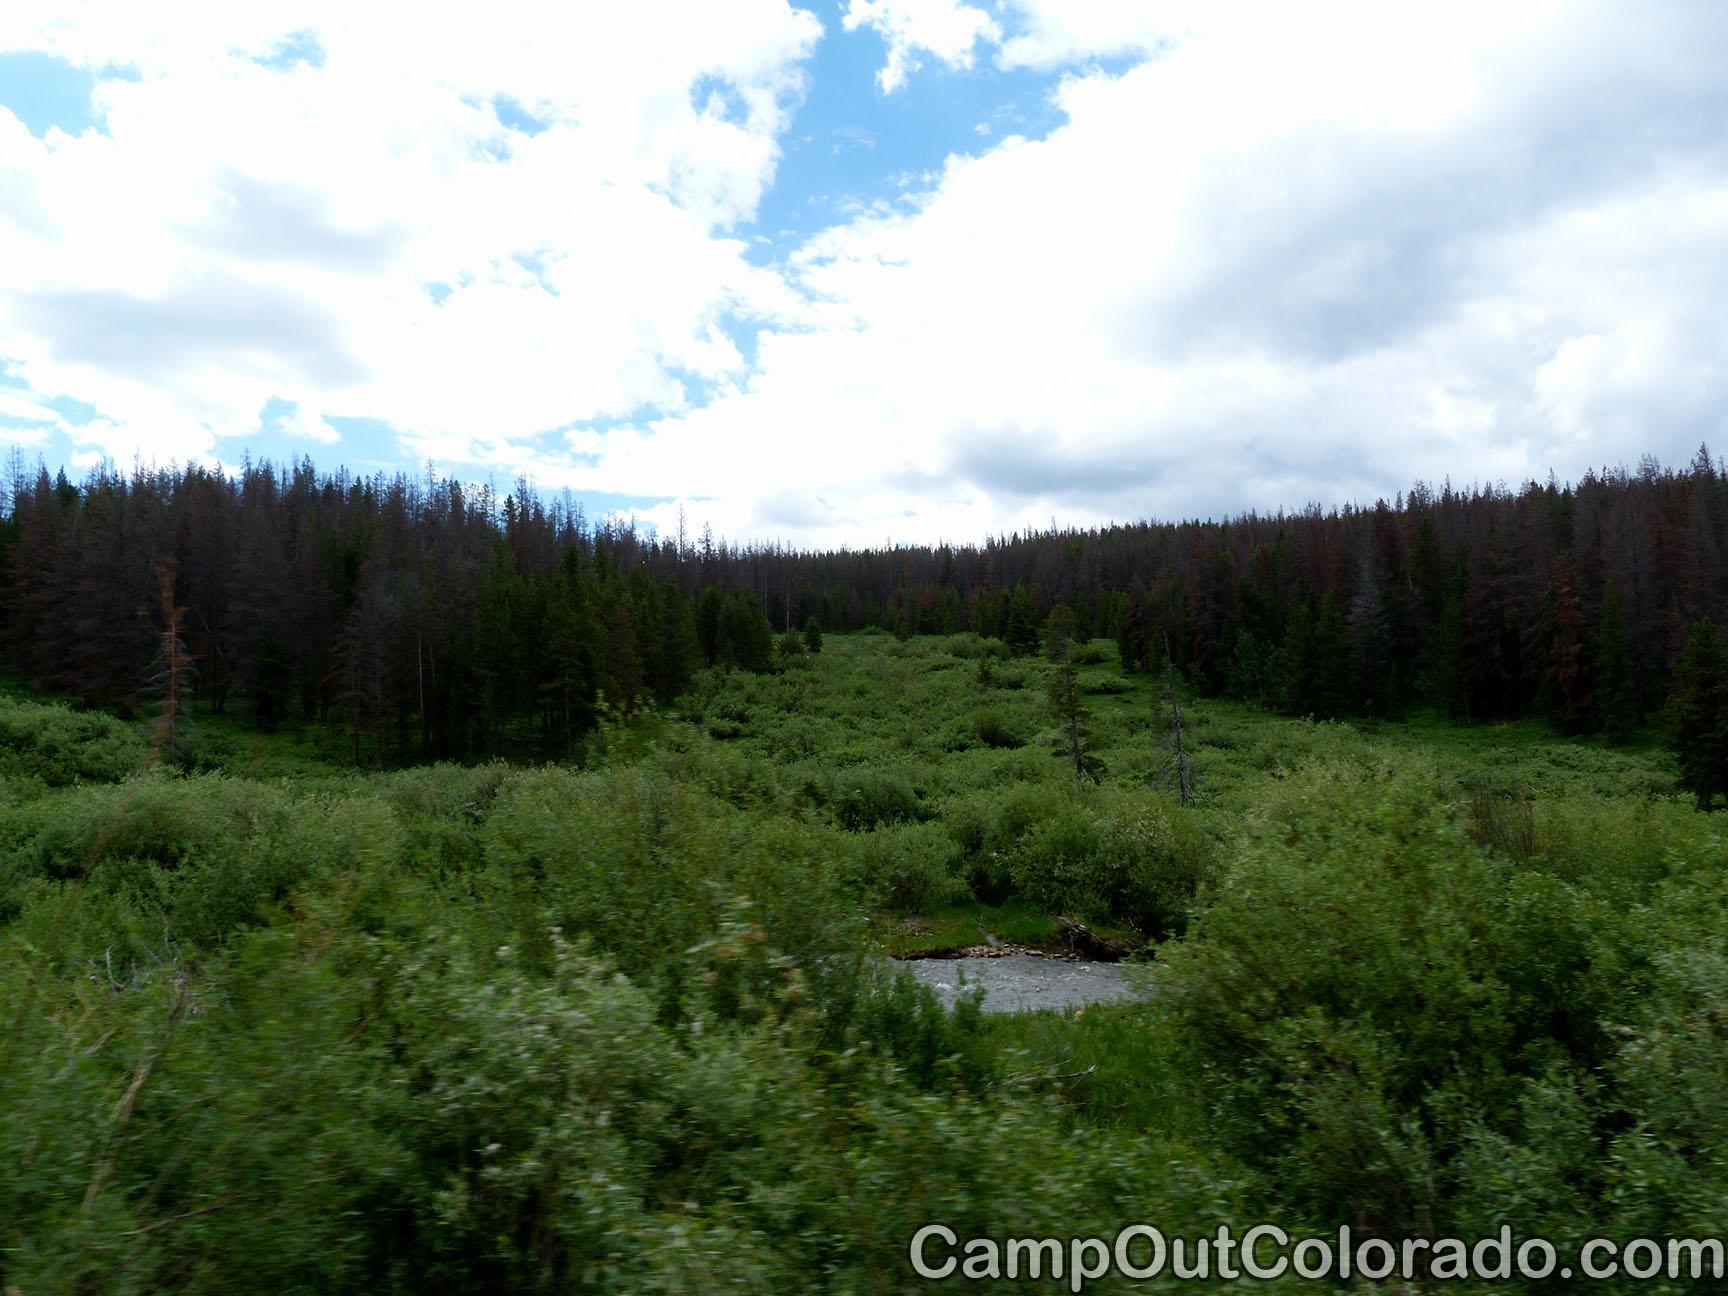 Campoutcolorado-north-michigan-reservoir-campground-valley